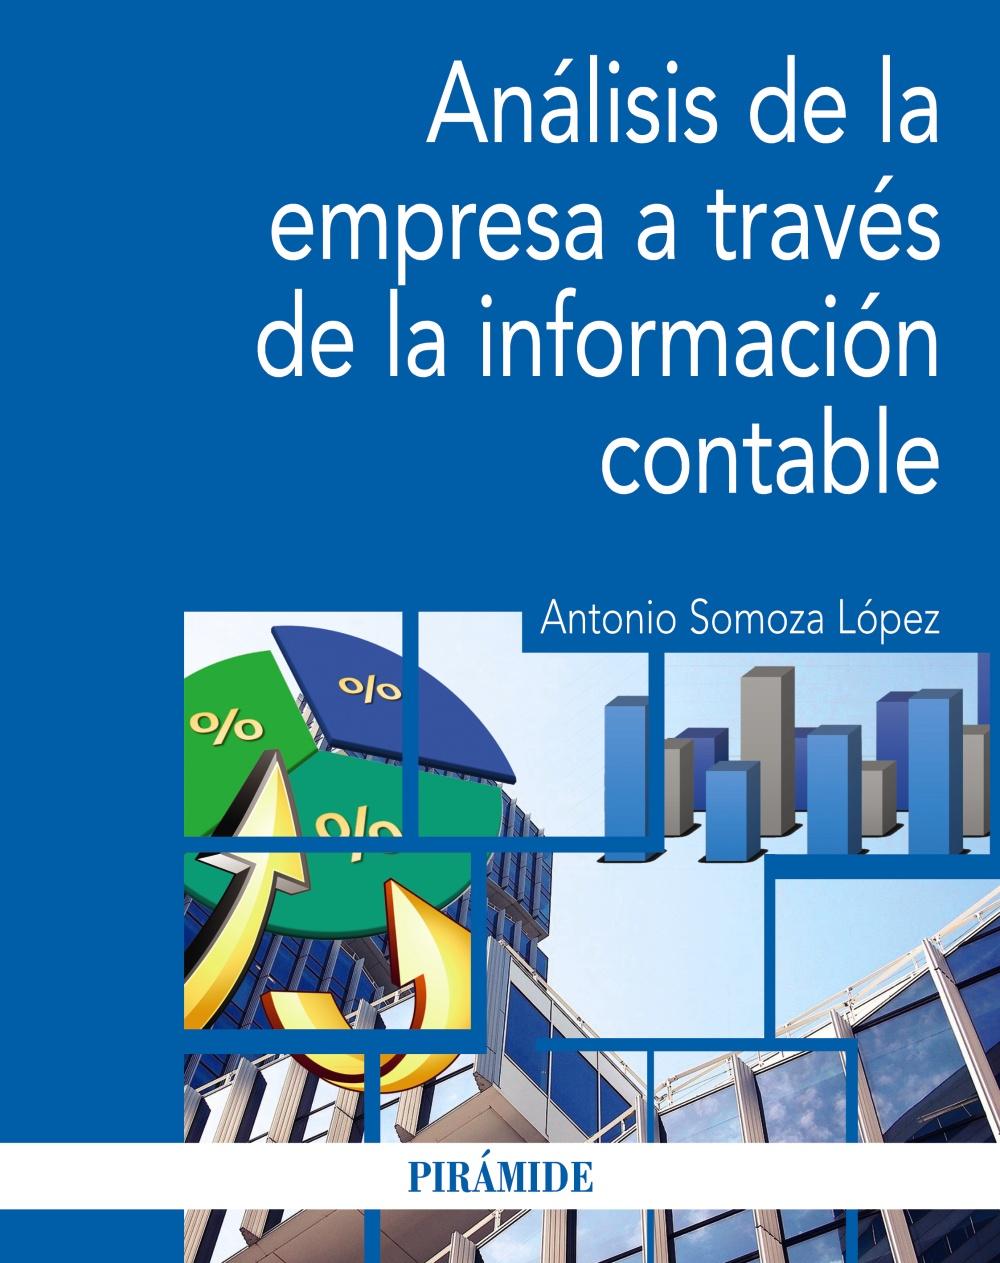 Análisis de la empresa a través de la información contable